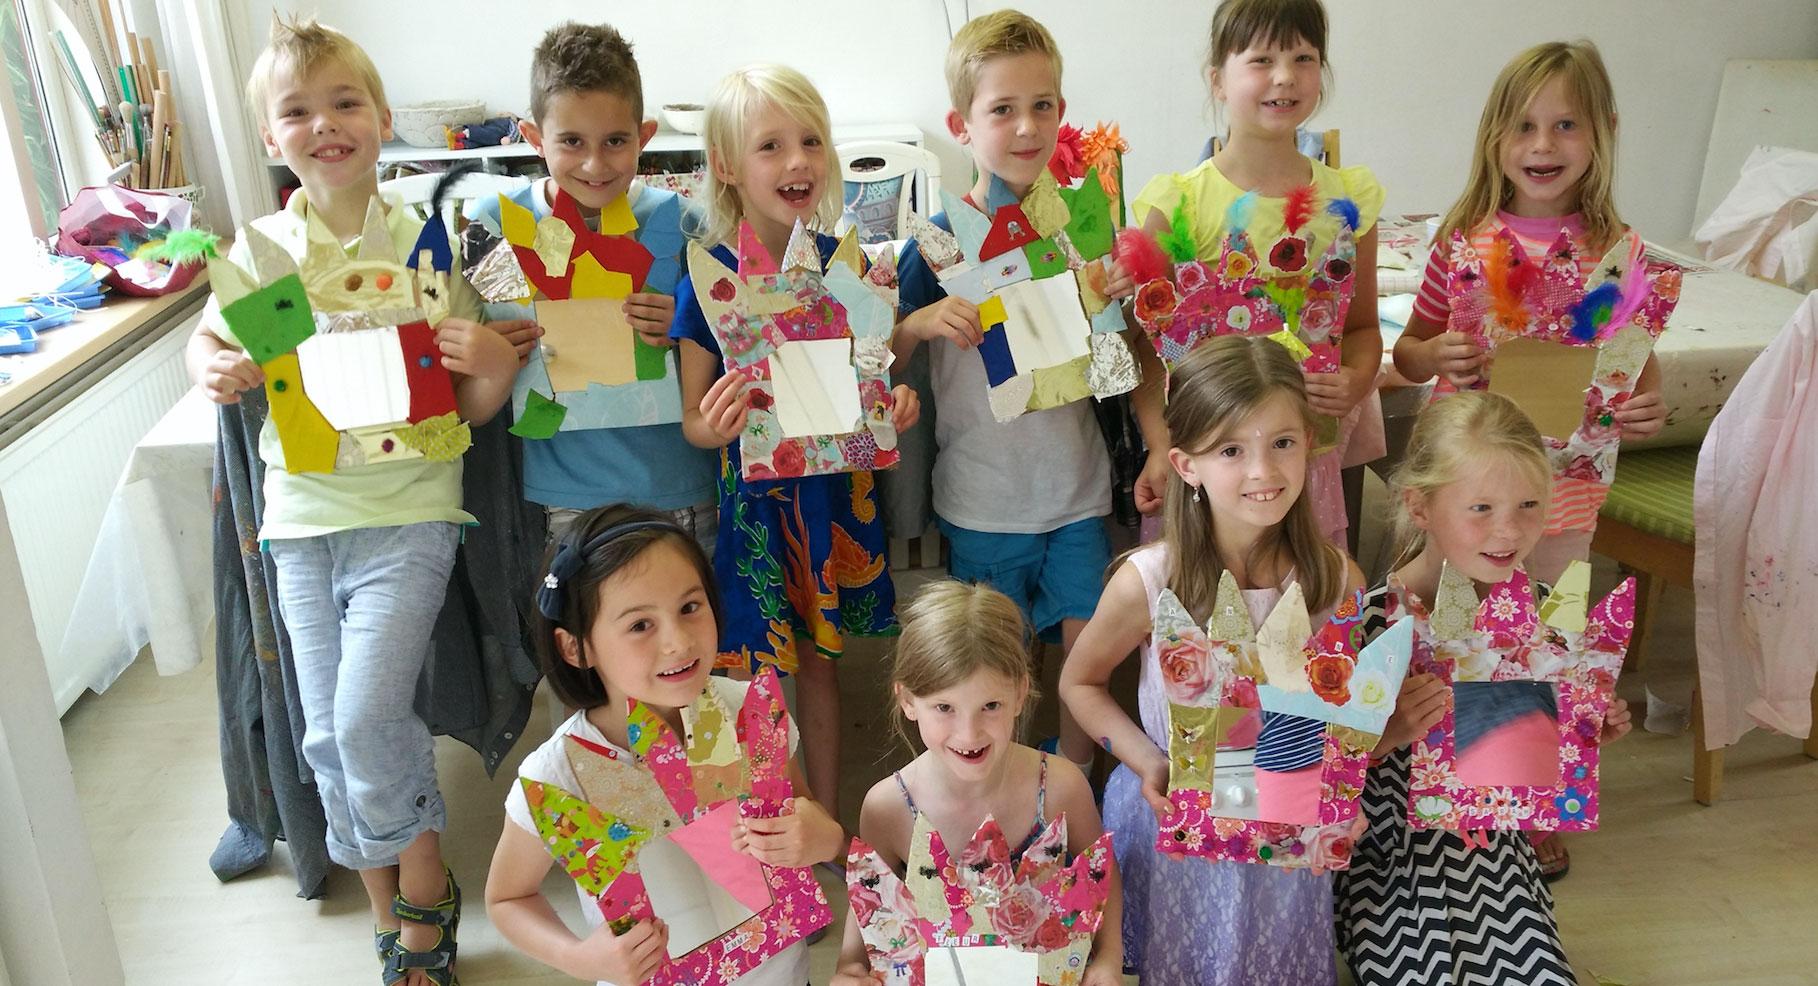 Iets Nieuws Kinderfeestje Leiden en omgeving? Kijk eens op Kidzy.nl #AX42